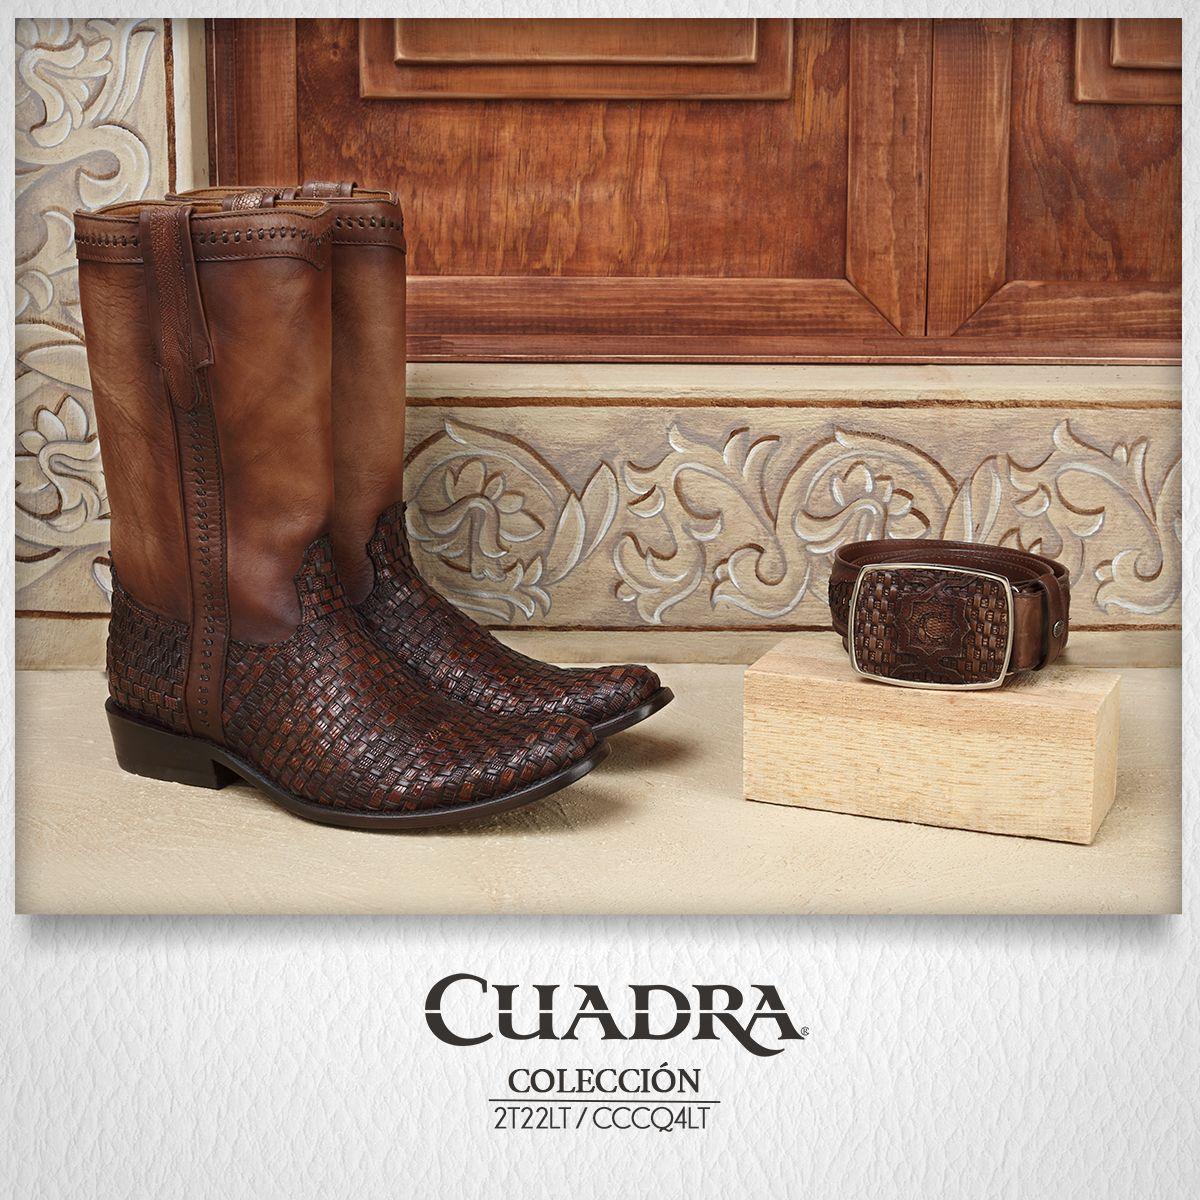 # PapáCUADRA #Boots #Botas #Cinto #